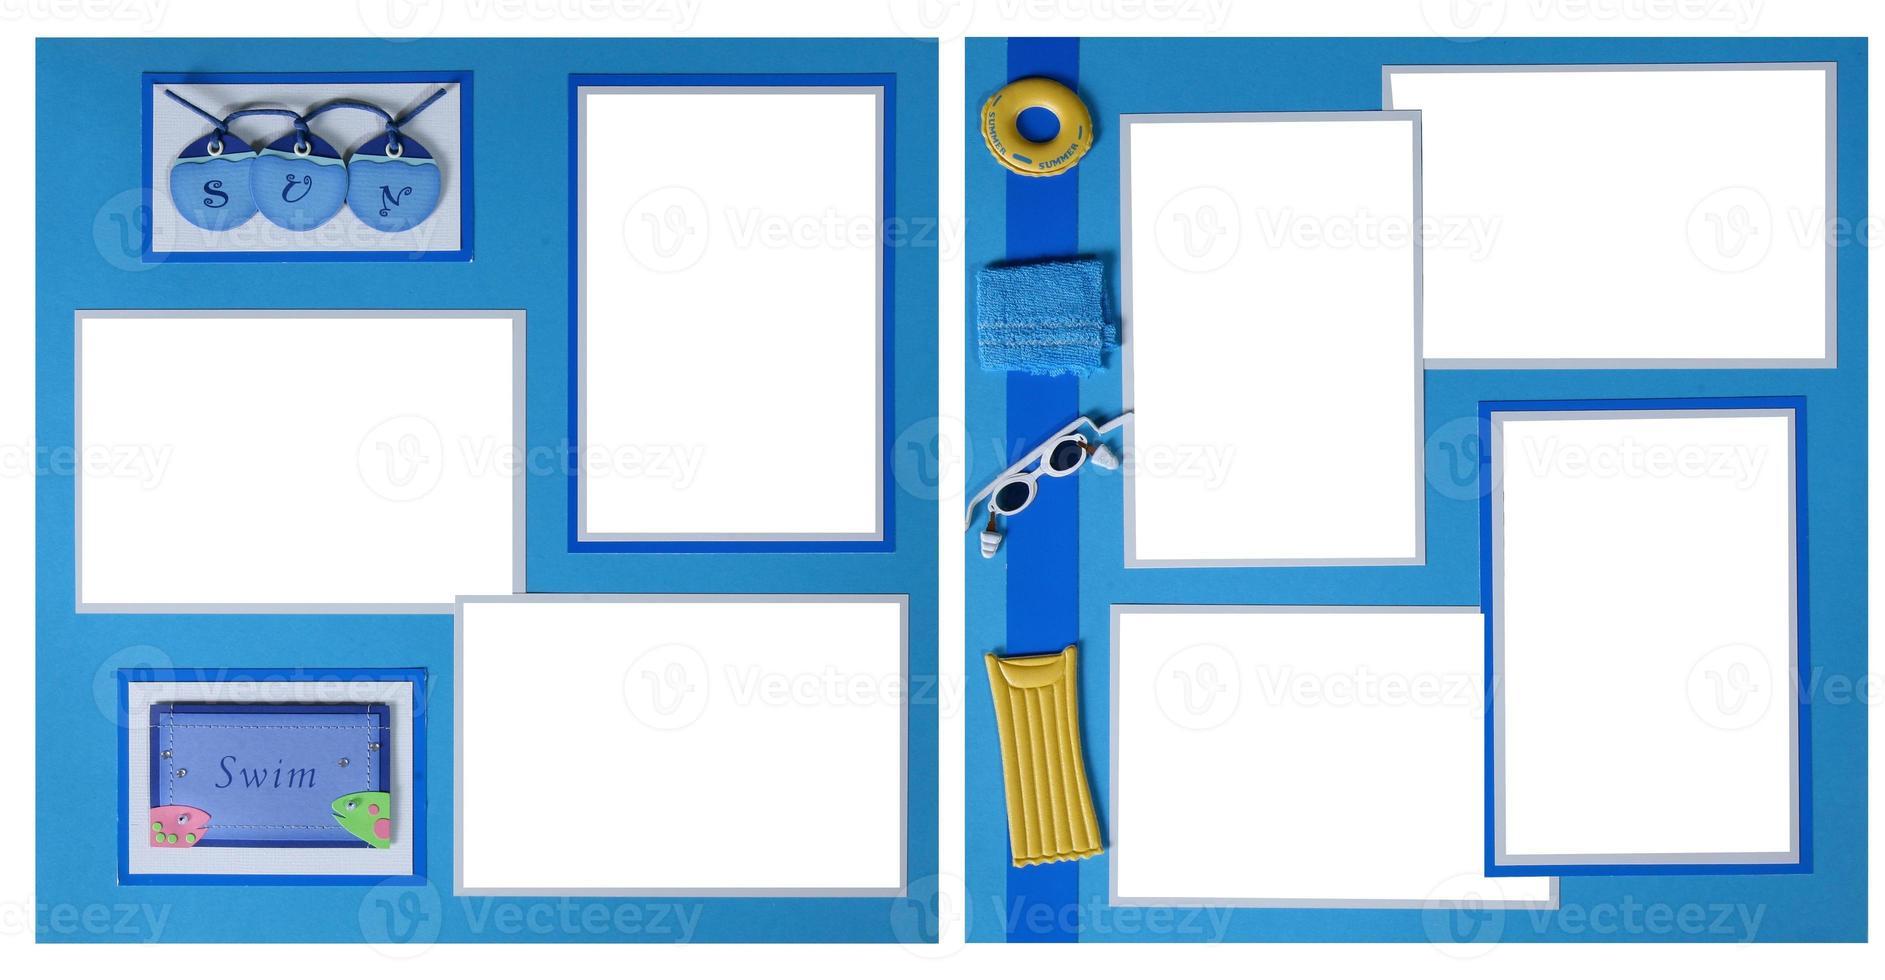 Sammelalbum-Seiten aus handgeschöpftem Papier, in die Sie Ihre Bilder einfügen können foto